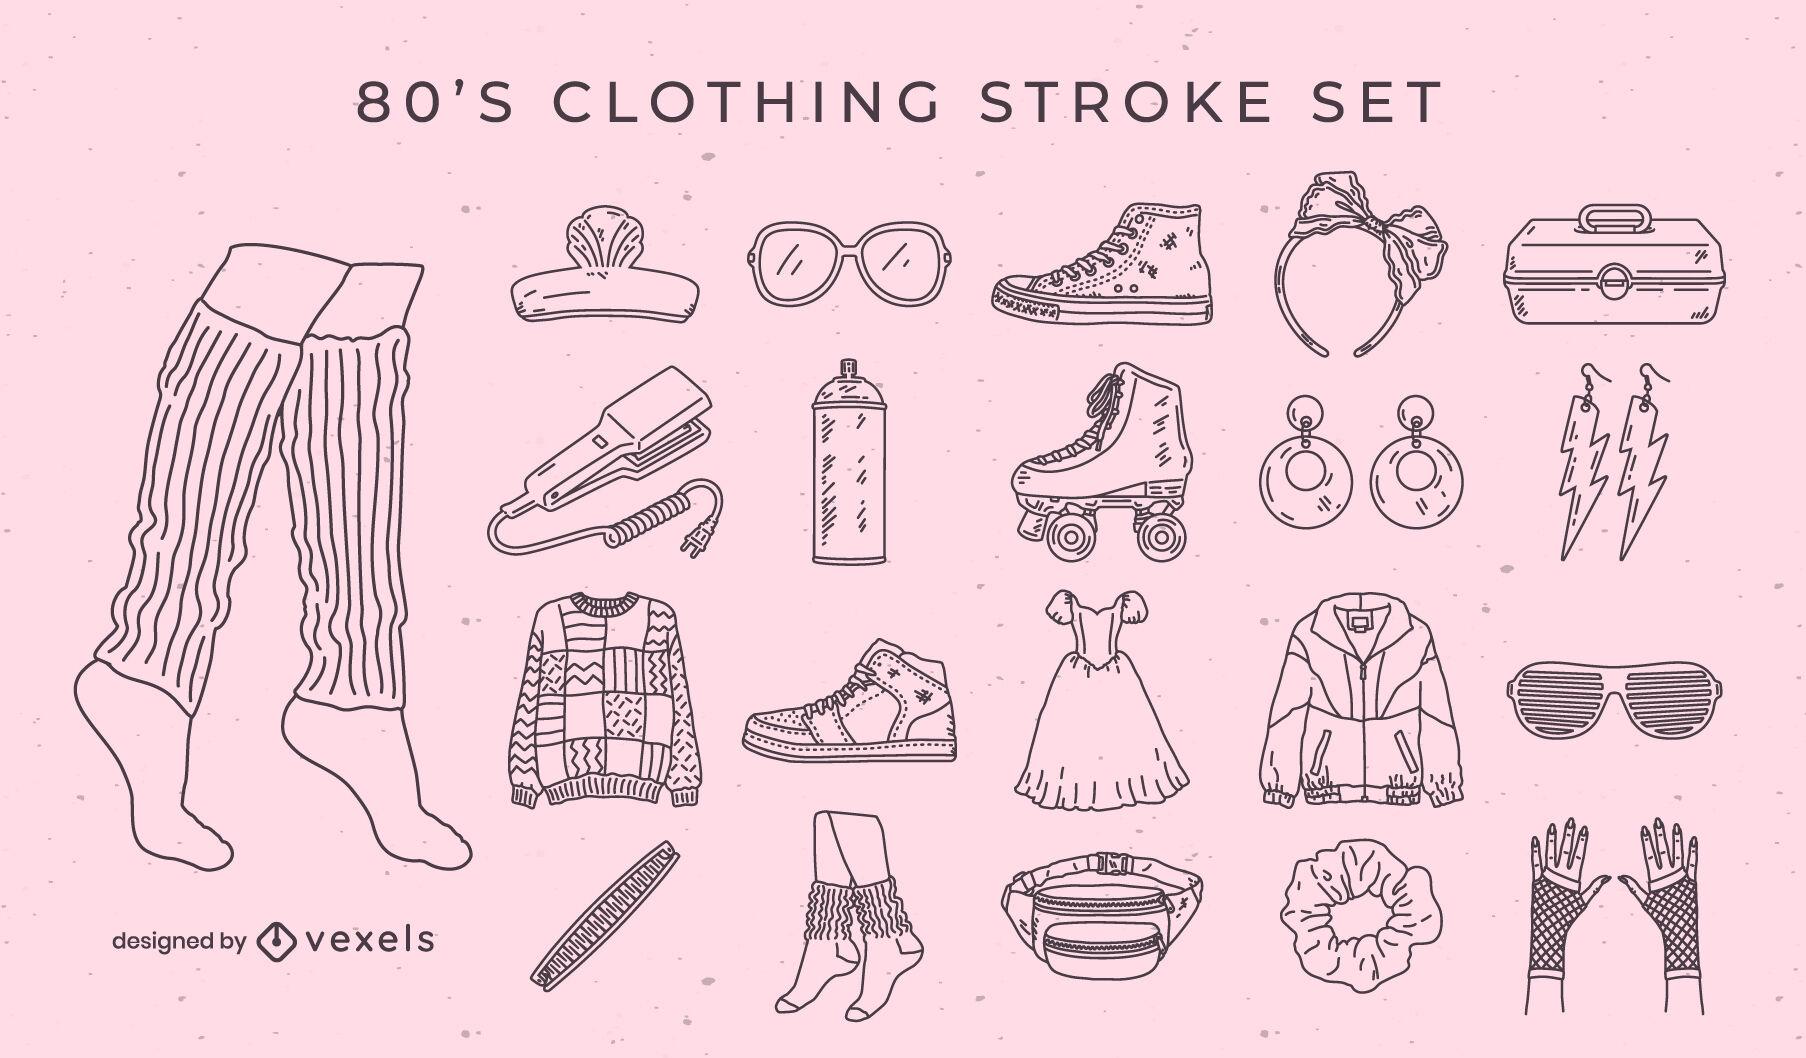 Retro fashion and clothing elements stroke set